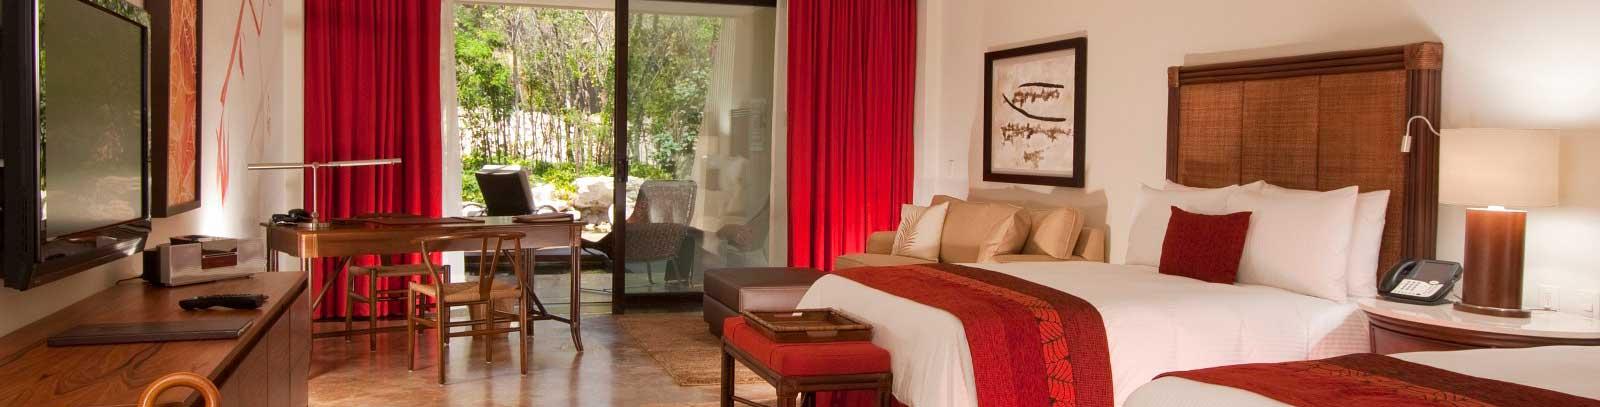 Grand Velas Riviera Maya Suite Familiar de 2 Recámaras con Vista a la Naturaleza